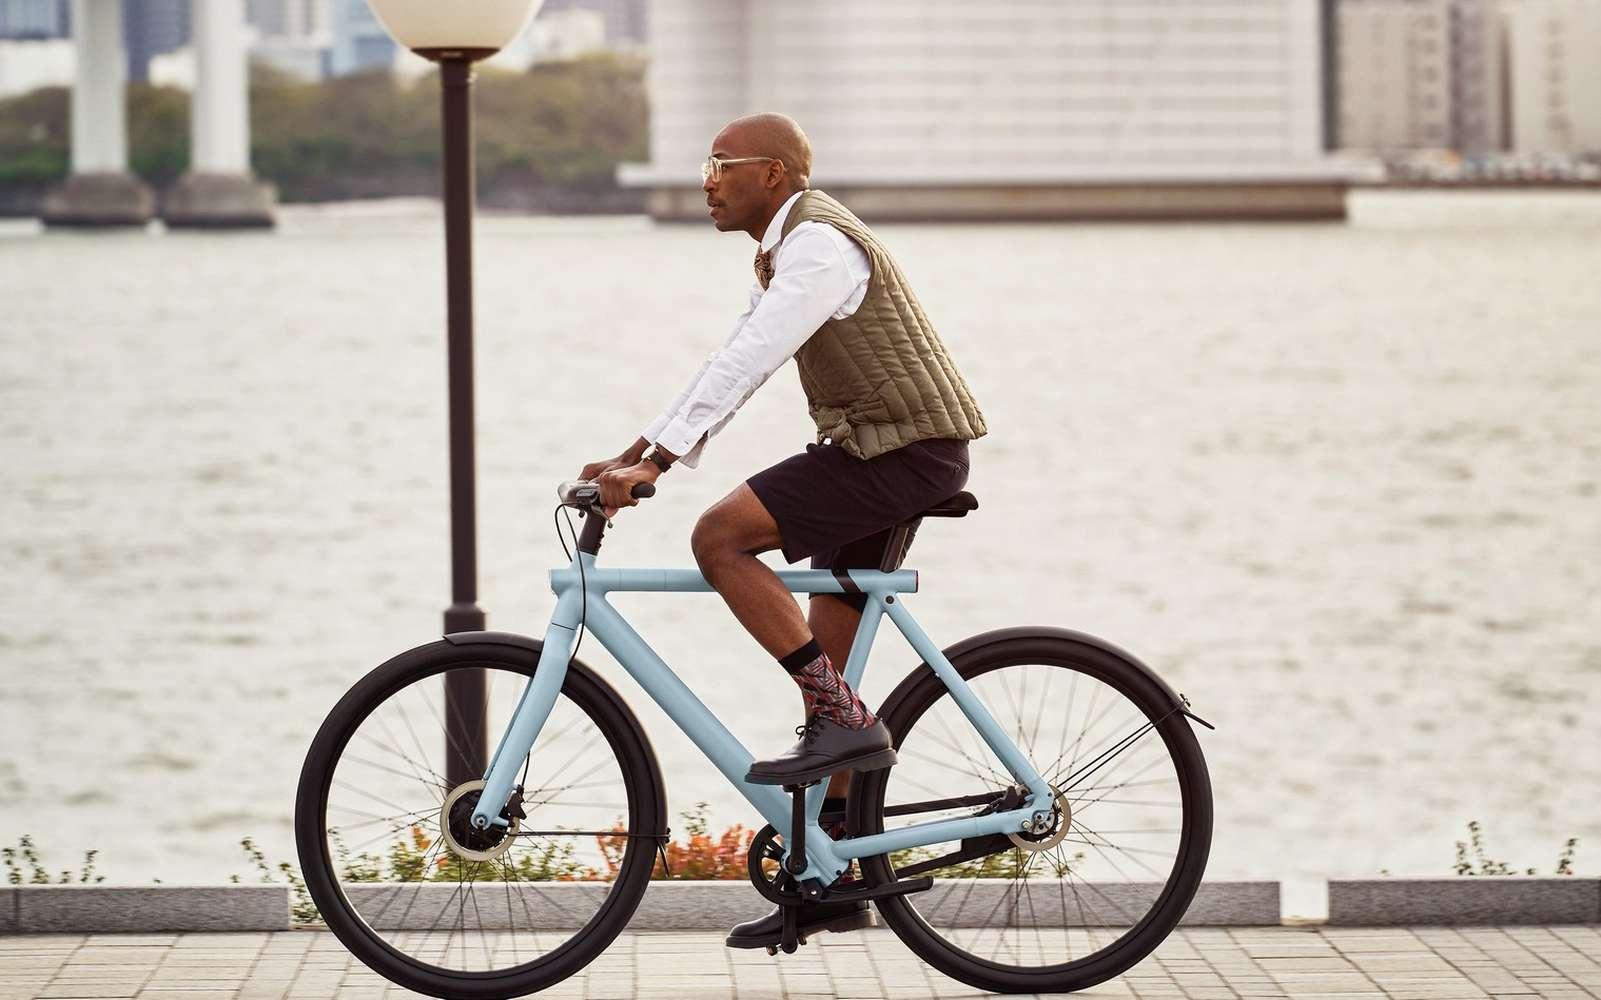 Le VanMoof S3 se destine aux cyclistes de grande taille, entre 1,70 et 2,10 mètres. © VanMoof